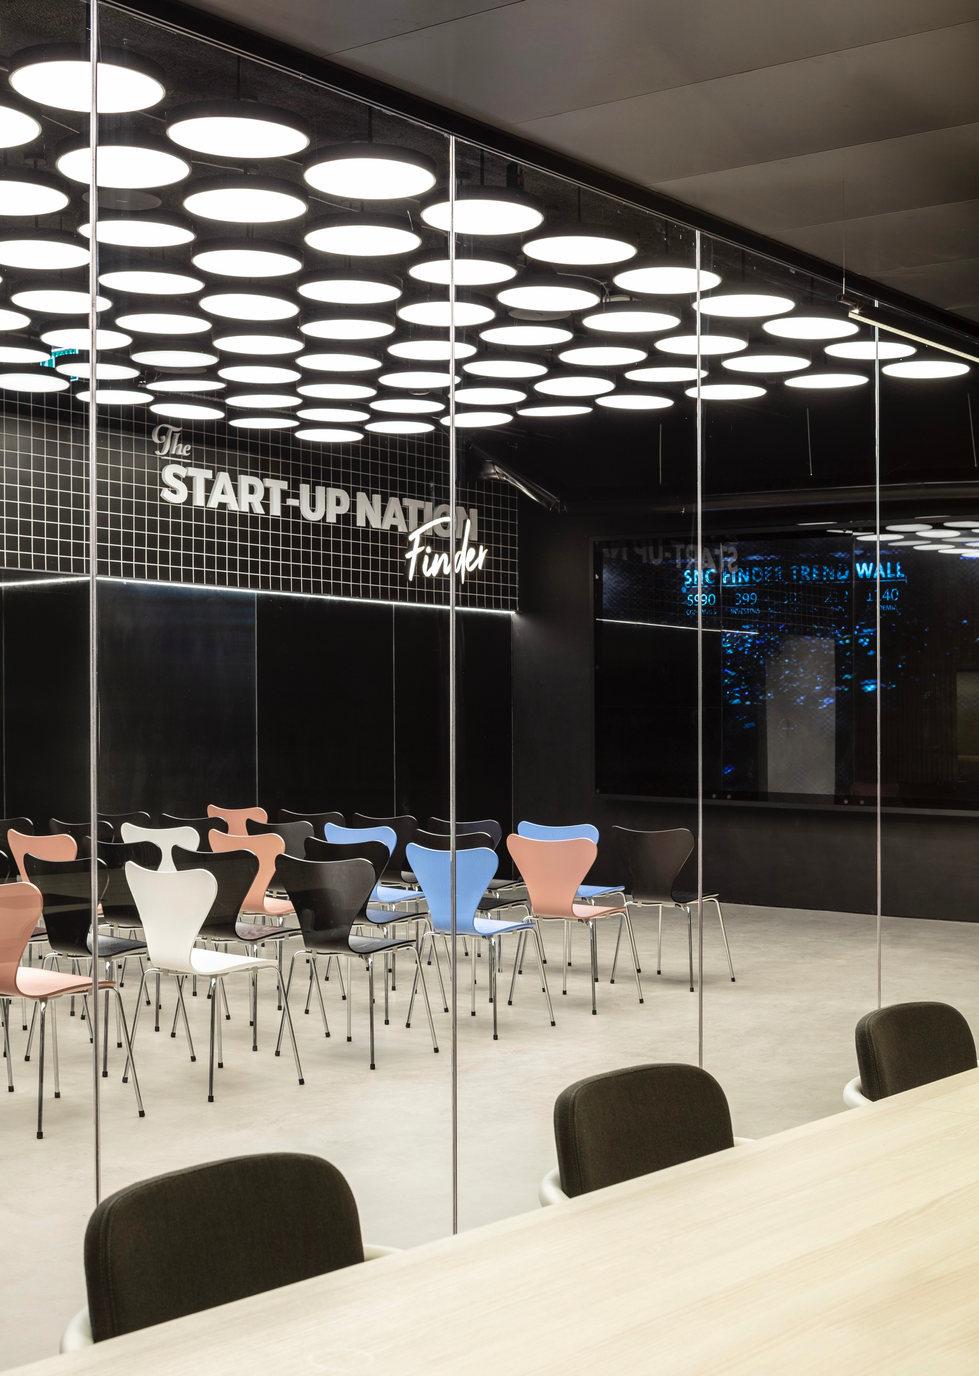 Startup Nation Auditorium